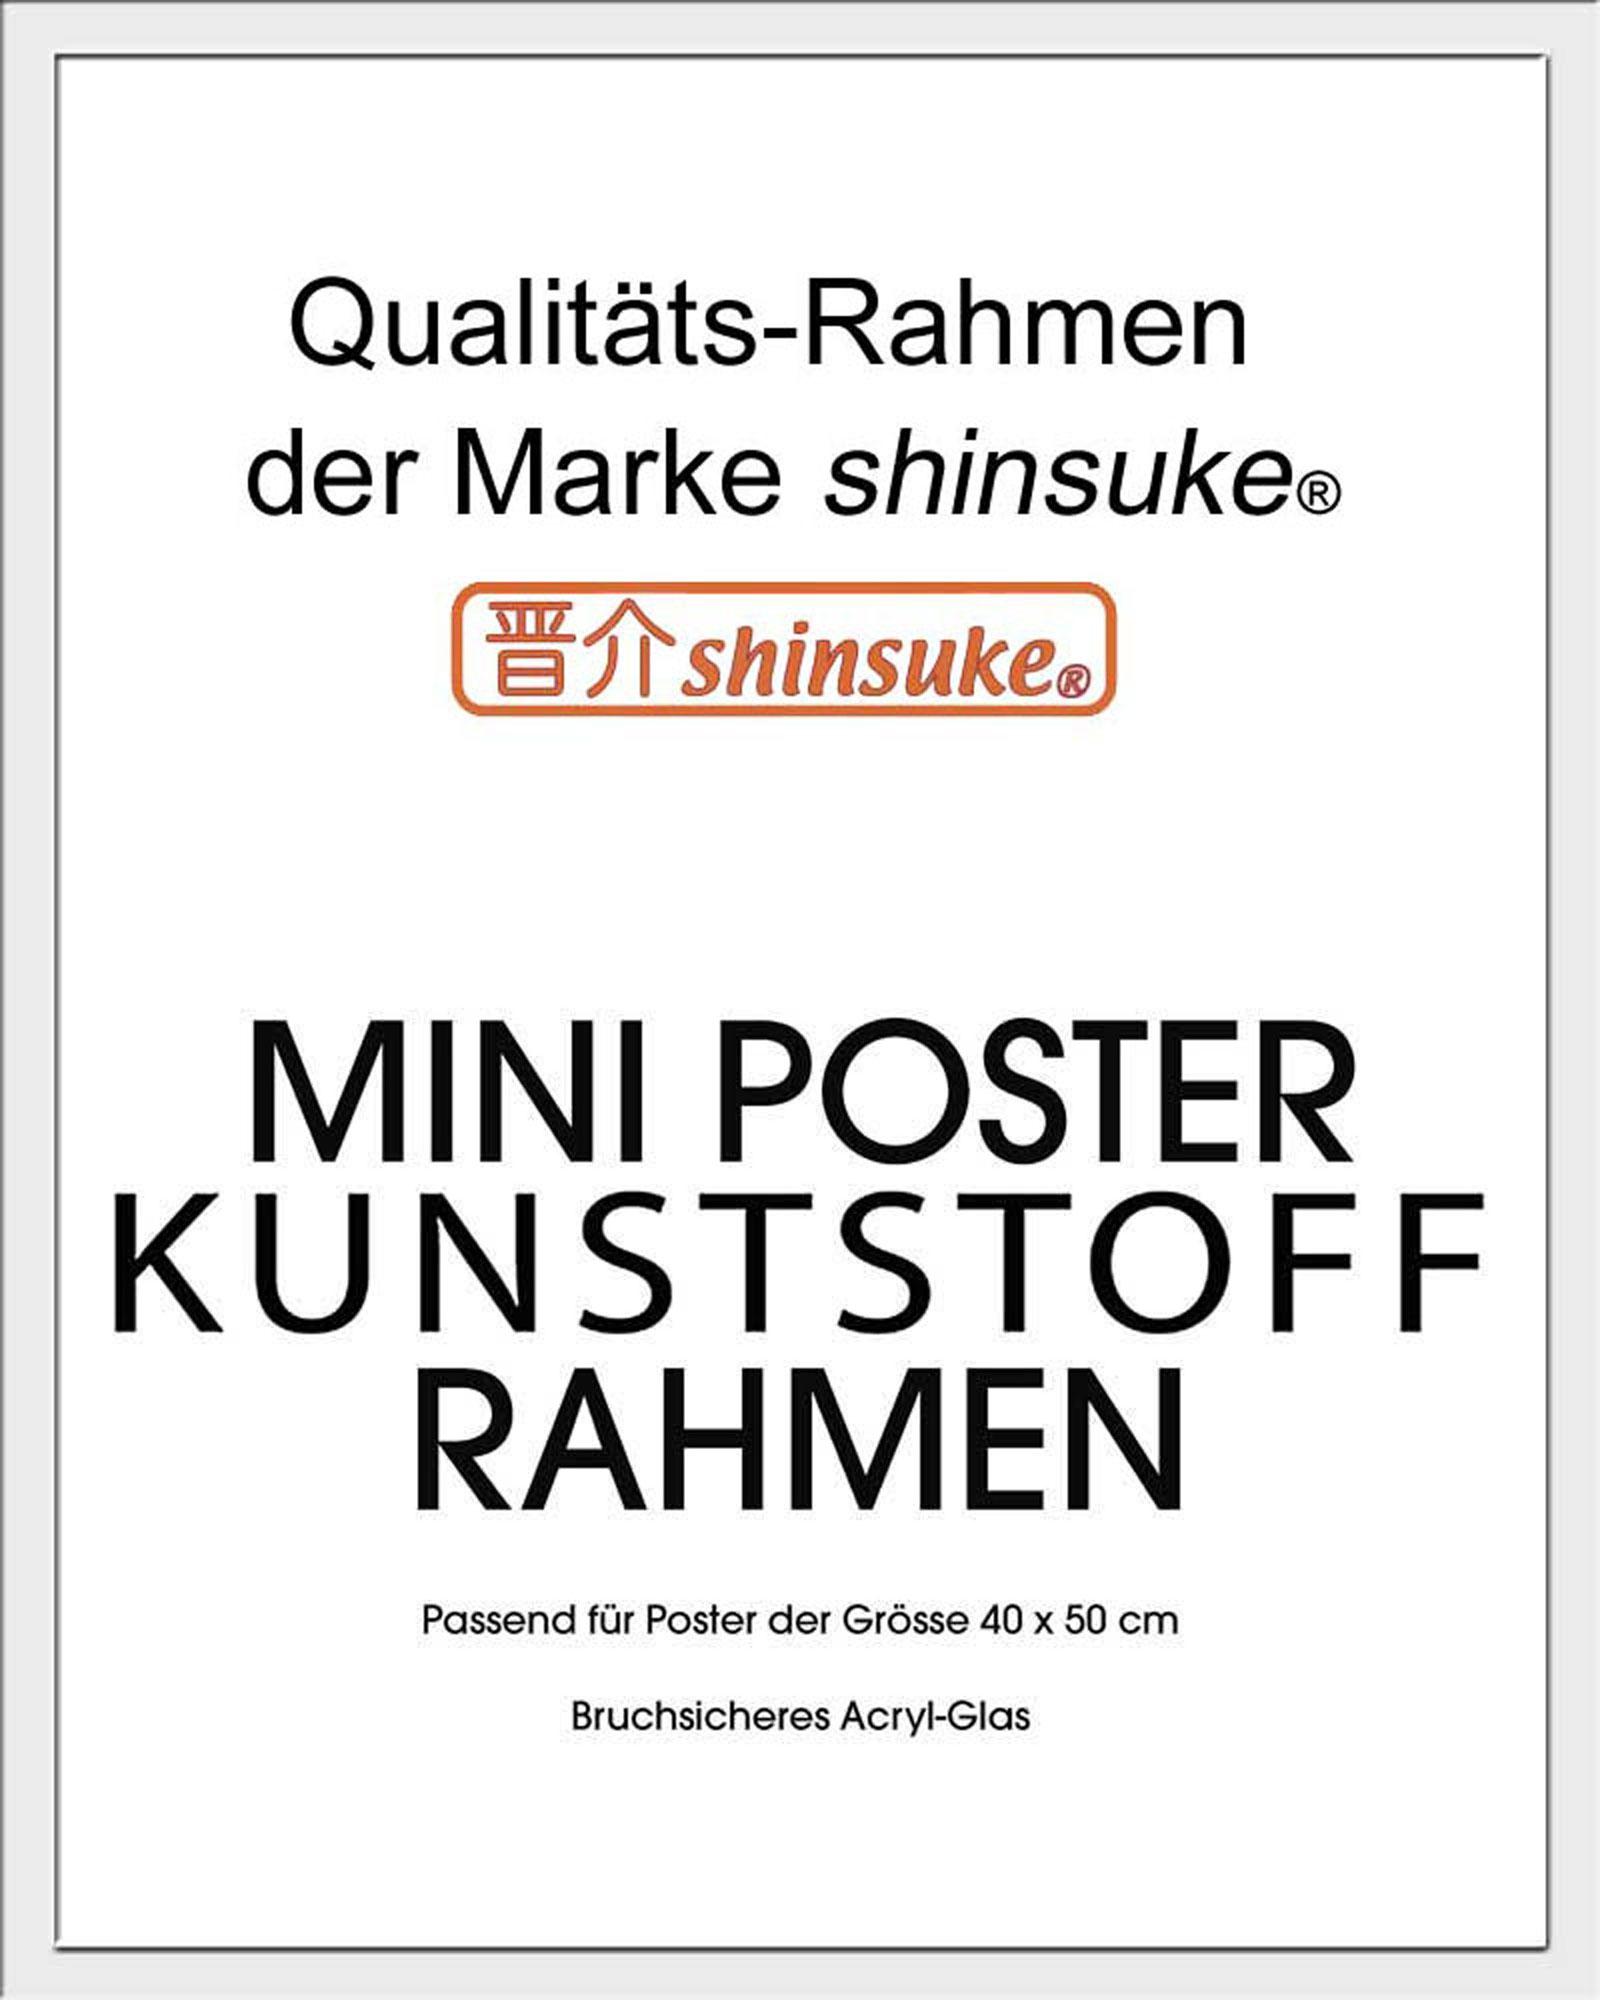 Gemütlich Filmplakat Größe Rahmen Bilder - Rahmen Ideen ...